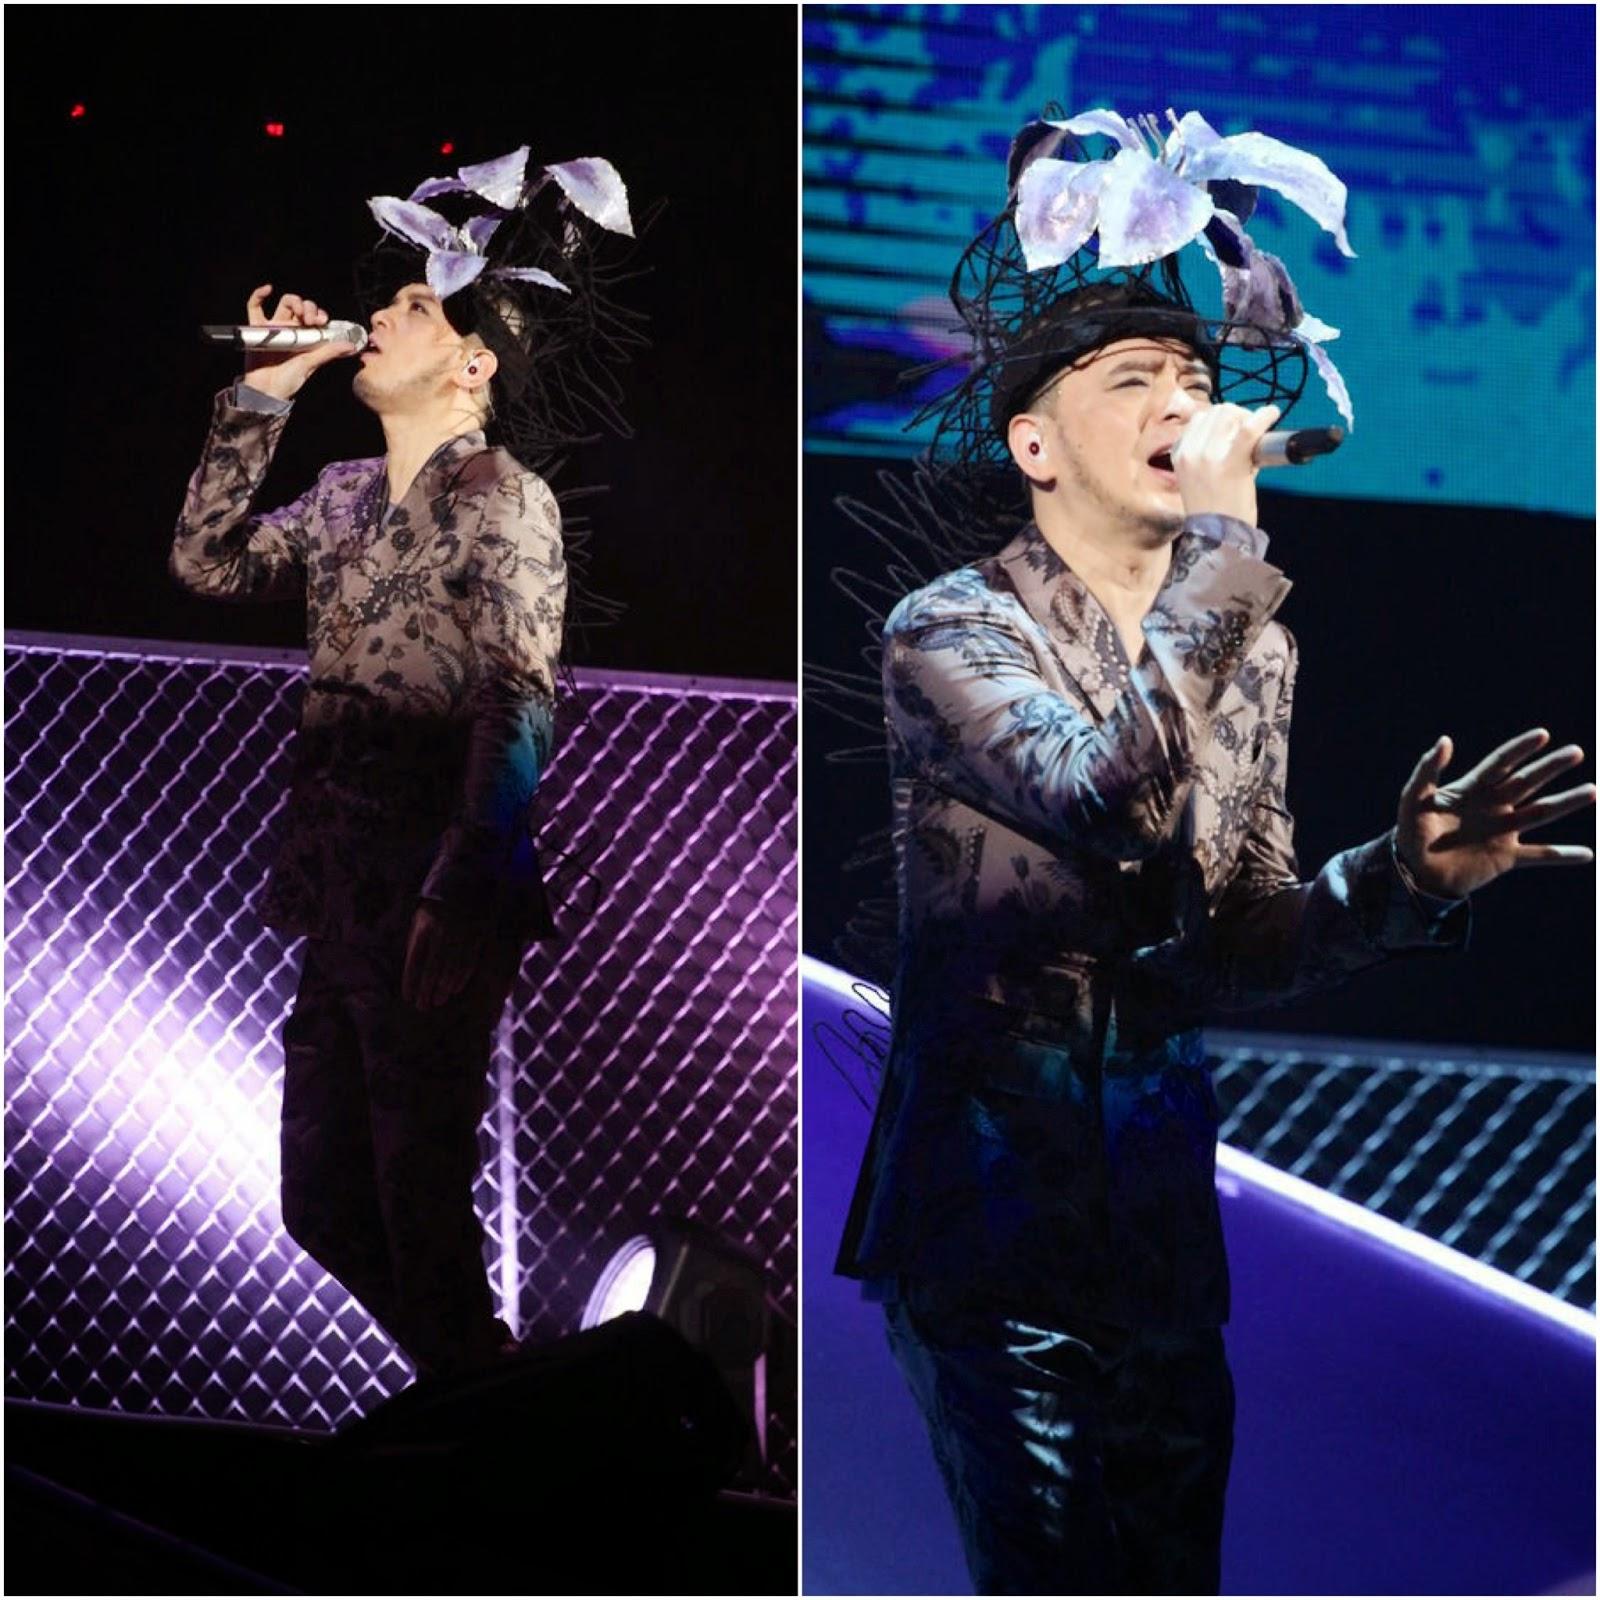 Anthony Wong Yiu-Ming [黃耀明] in Gucci, Concert 2014 Hong Kong 黃耀明 太平山下演唱會 2014 香港九龍紅磡暢運道9號 香港體育館 (紅館)